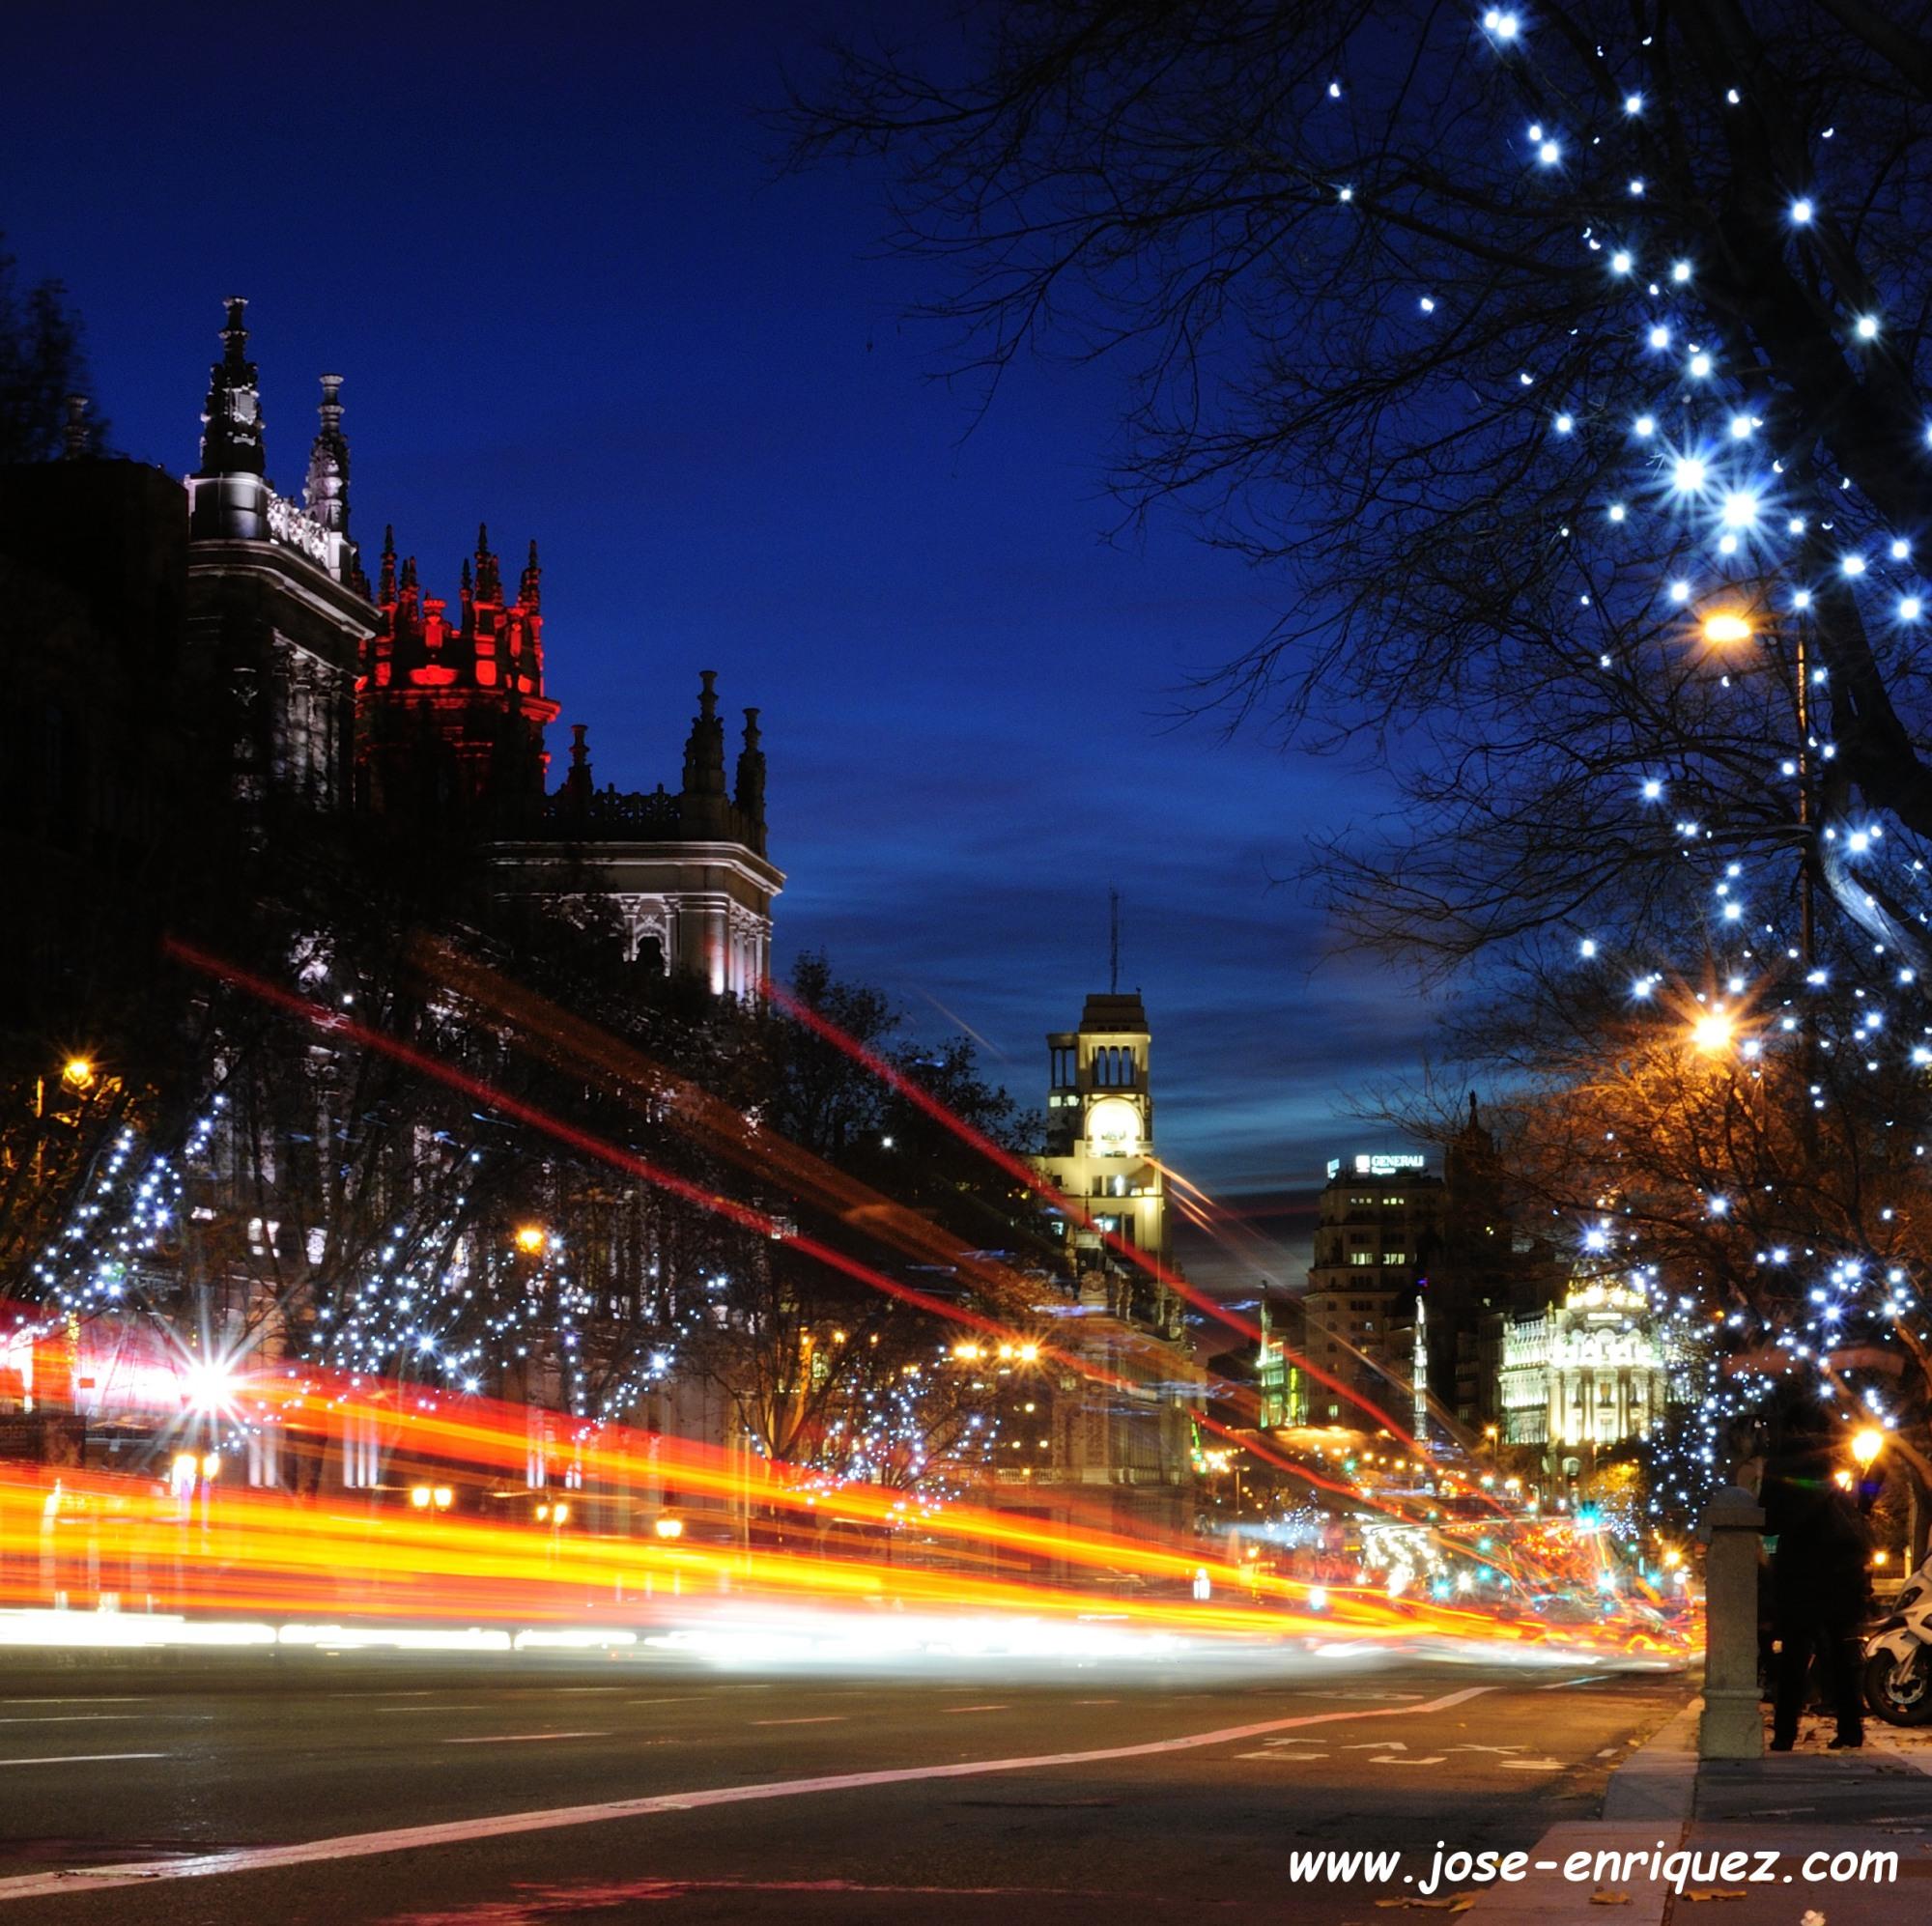 04-004 03 Calle de Alcalá. Luces de Navidad en Madrid.